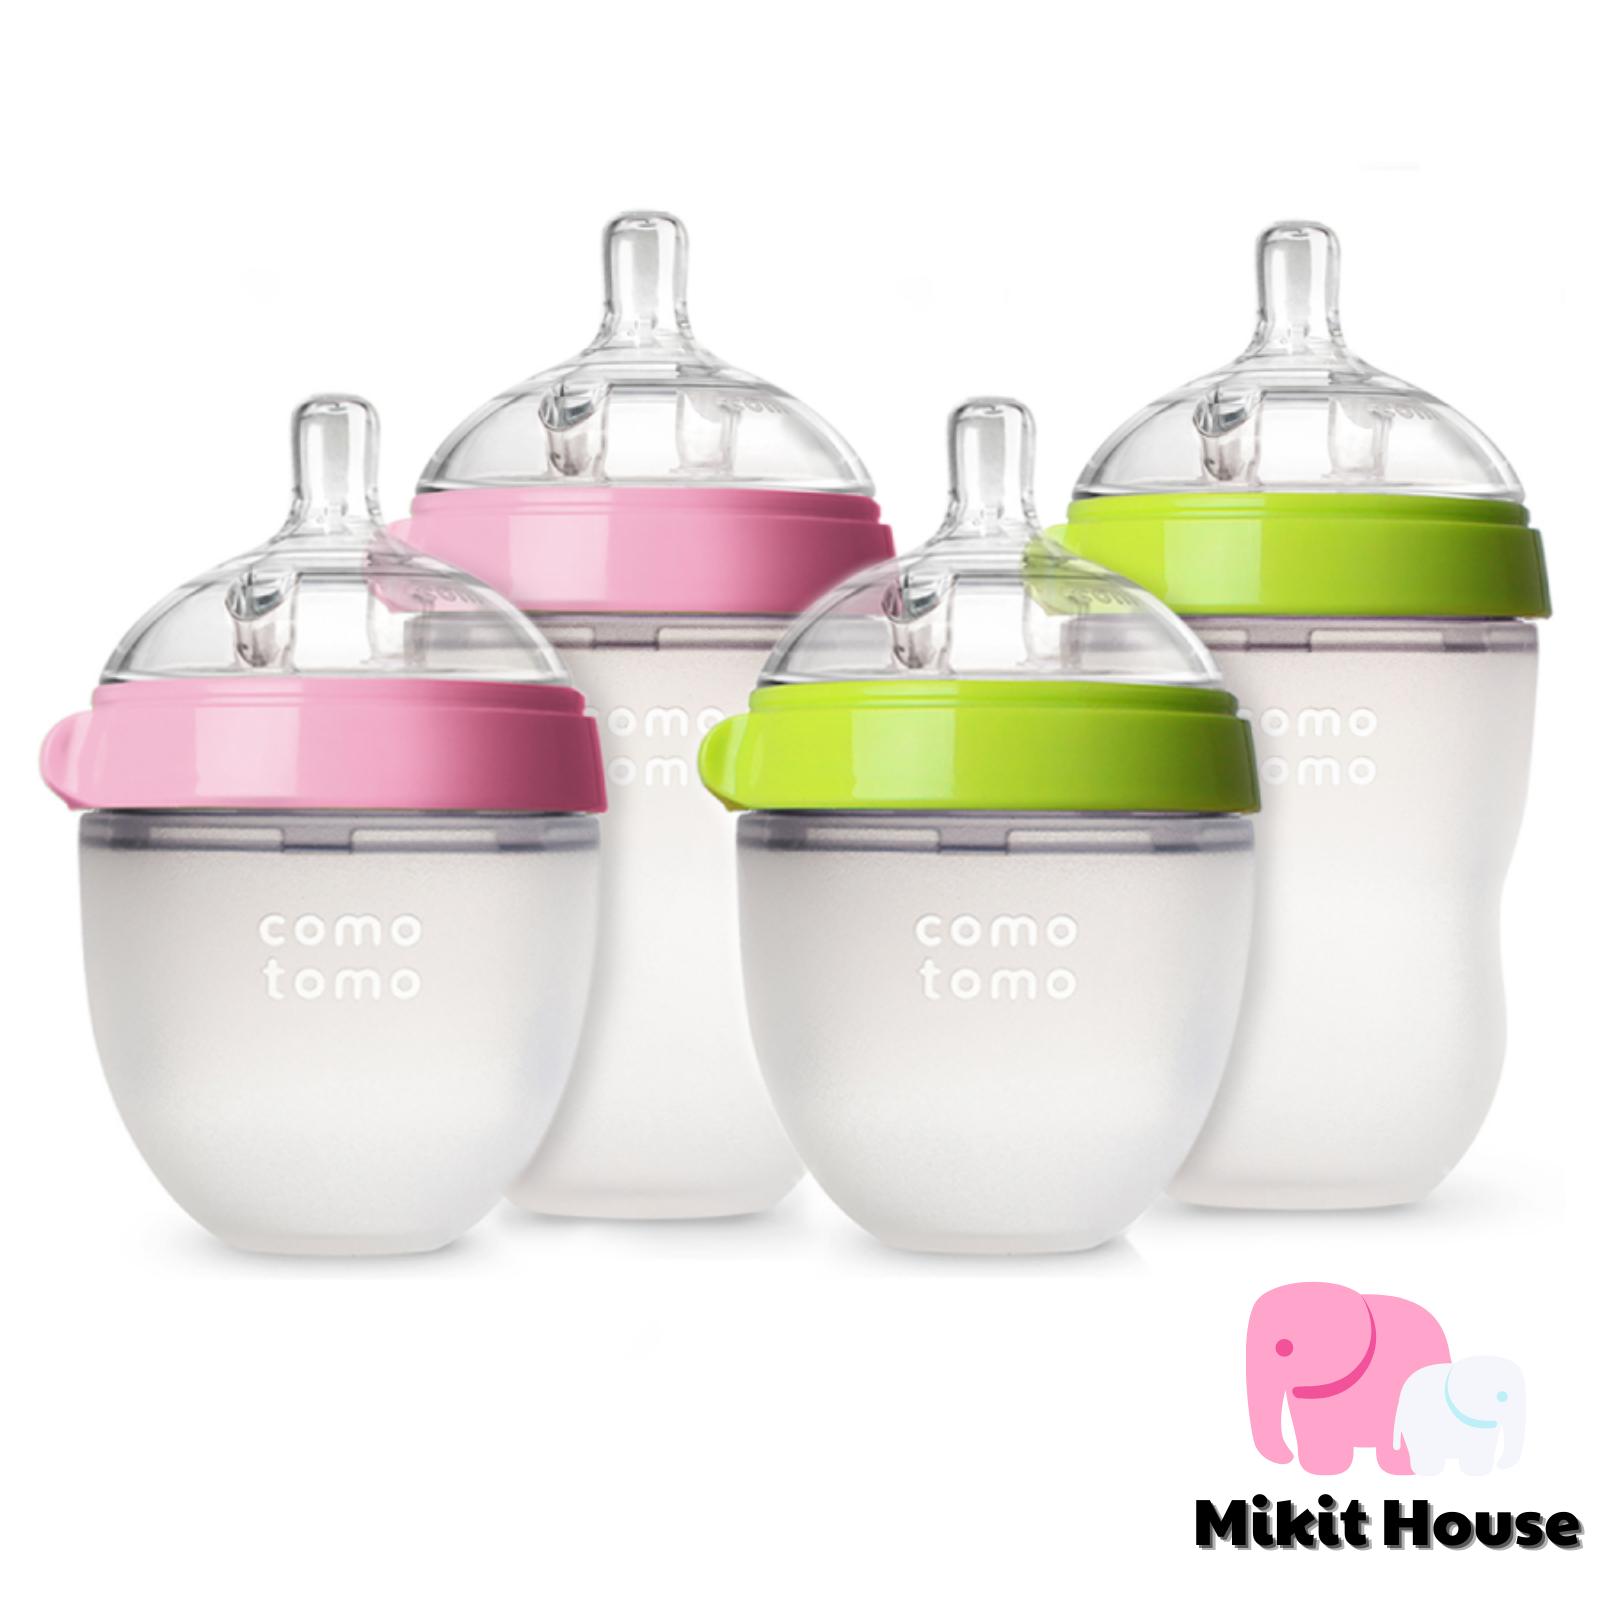 Bình sữa cho bé Comotomo chính hãng dung tích 150 / 250ml [Mikit-House]